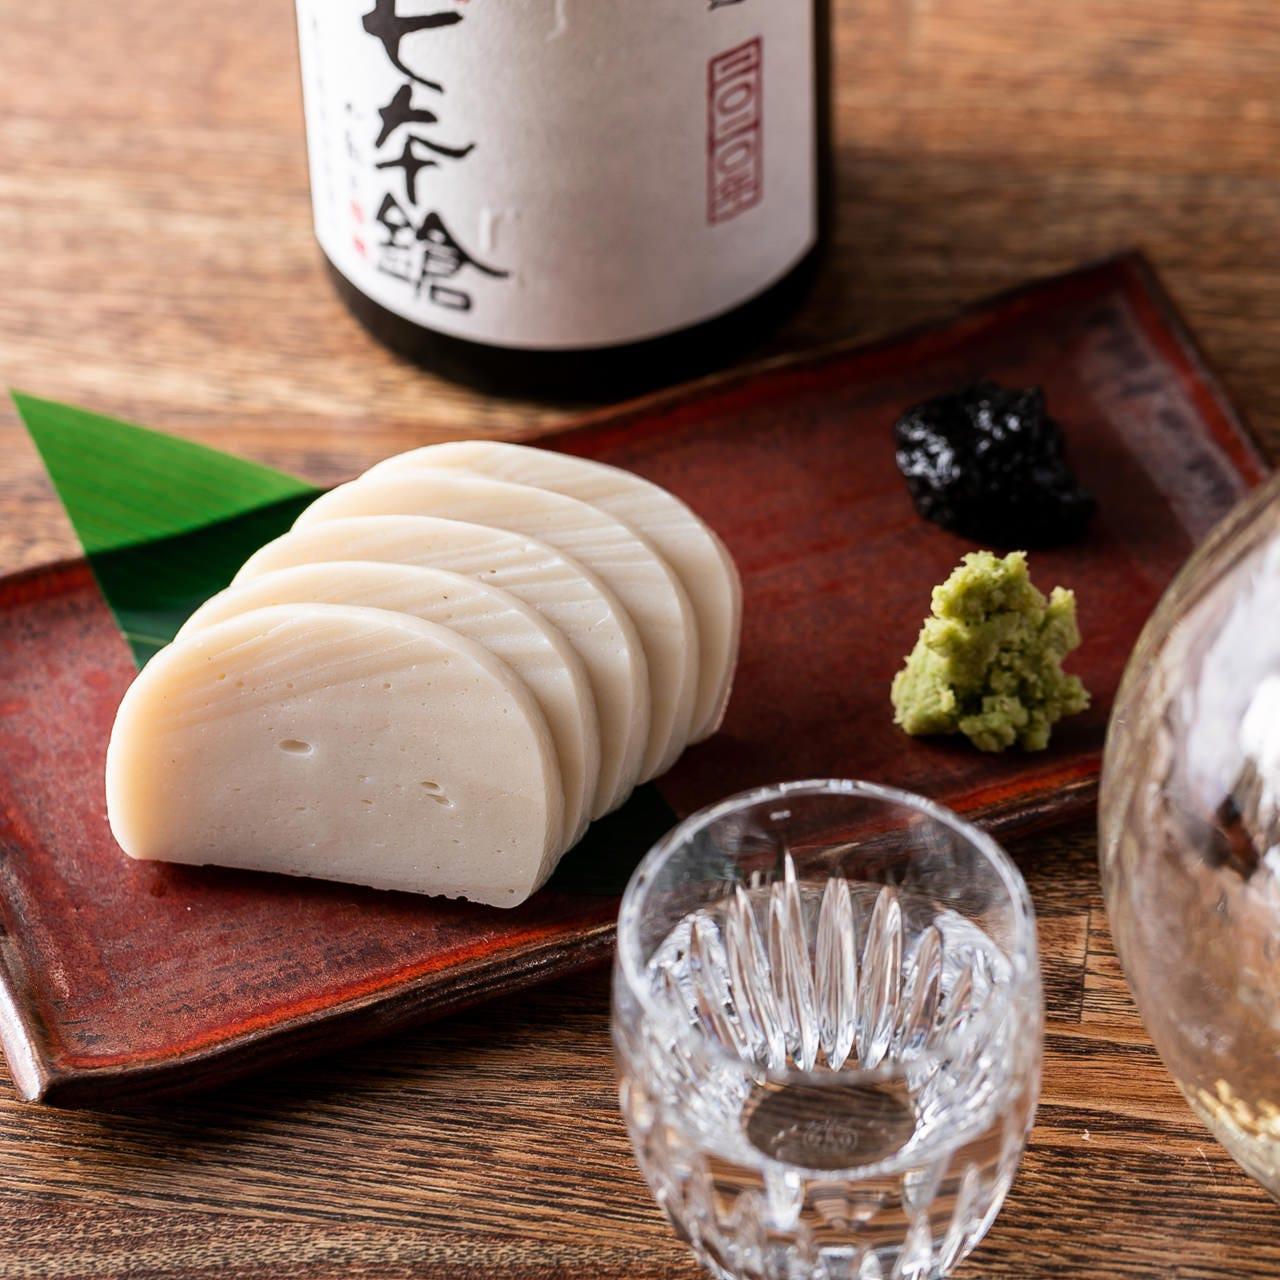 定番からレアな日本酒まで揃える手腕